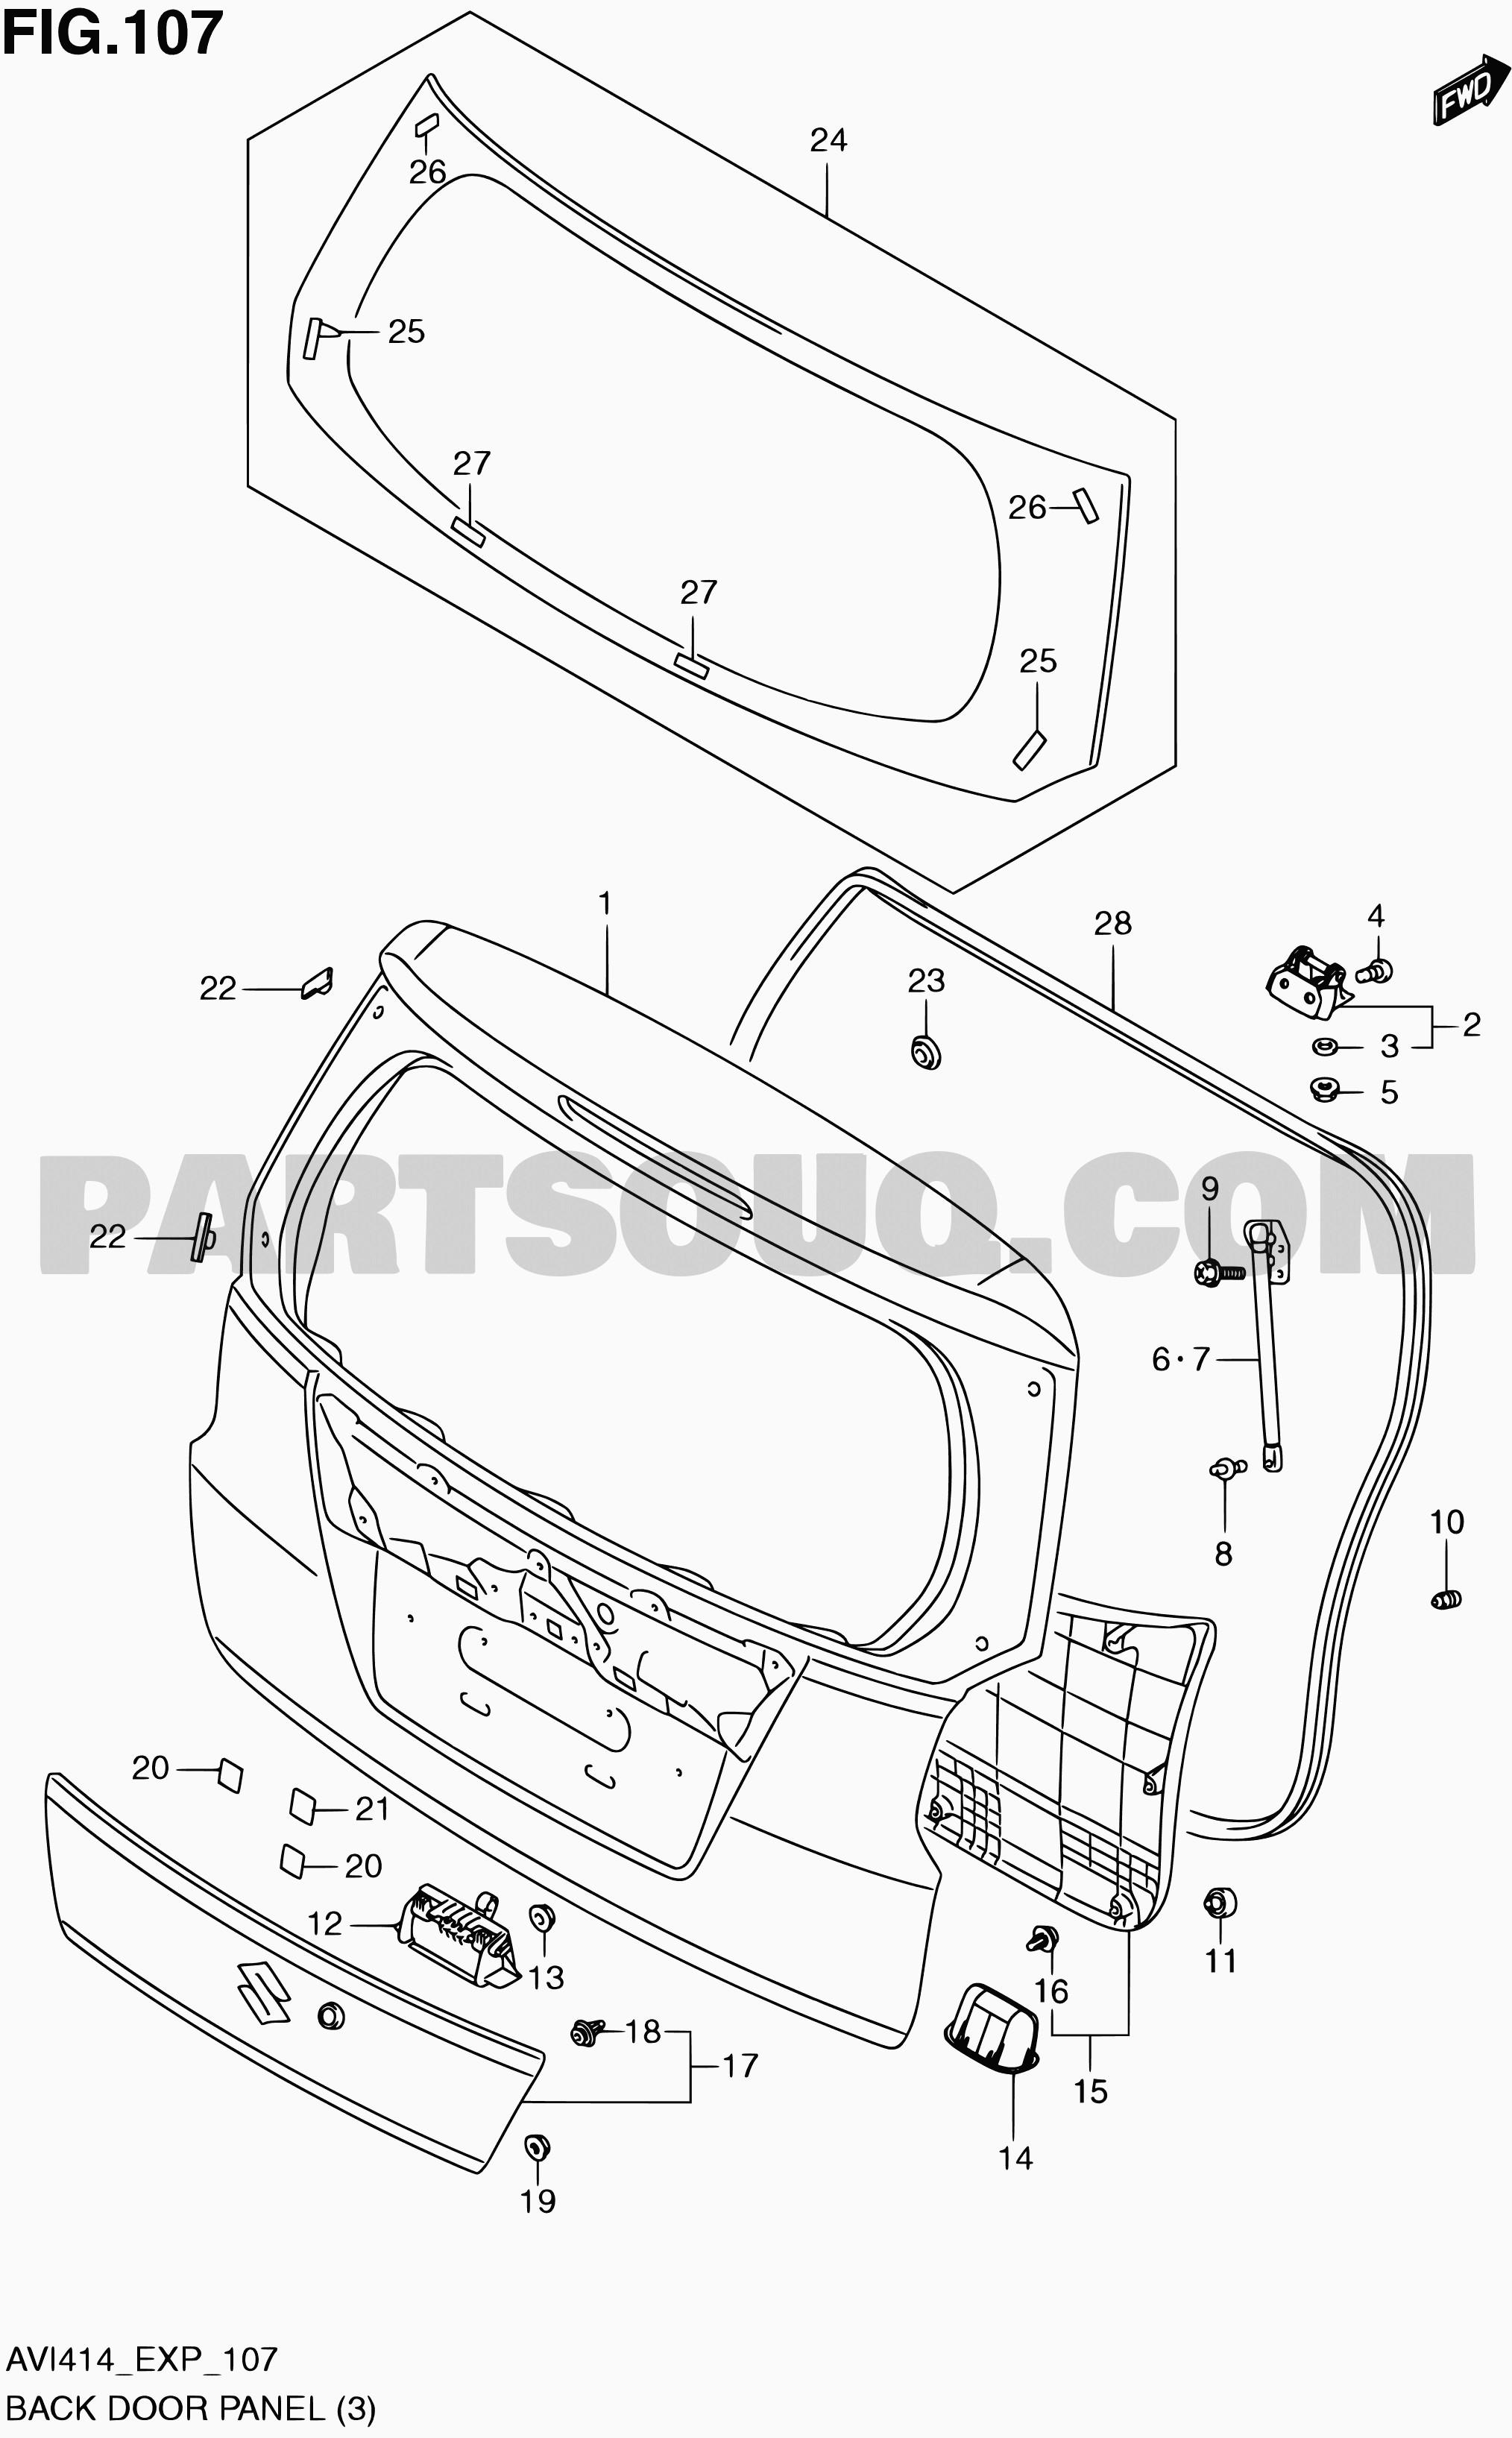 Suzuki forenza Engine Diagram Suzuki Door Schematic Schematics Wiring Diagrams • Of Suzuki forenza Engine Diagram